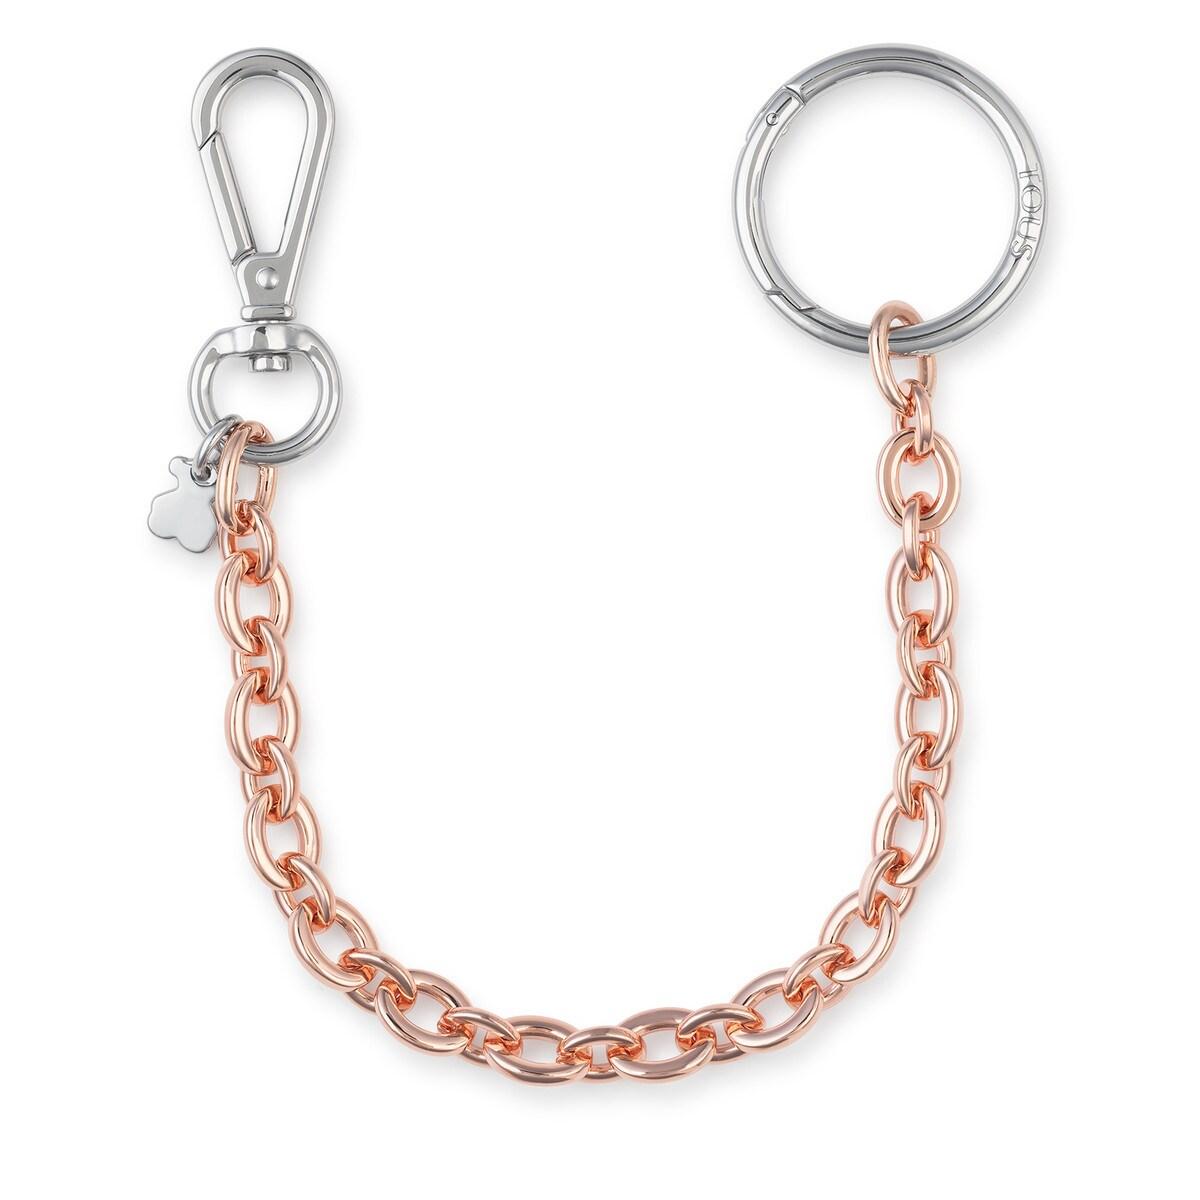 Llavero Hold Chain rosa y plateado